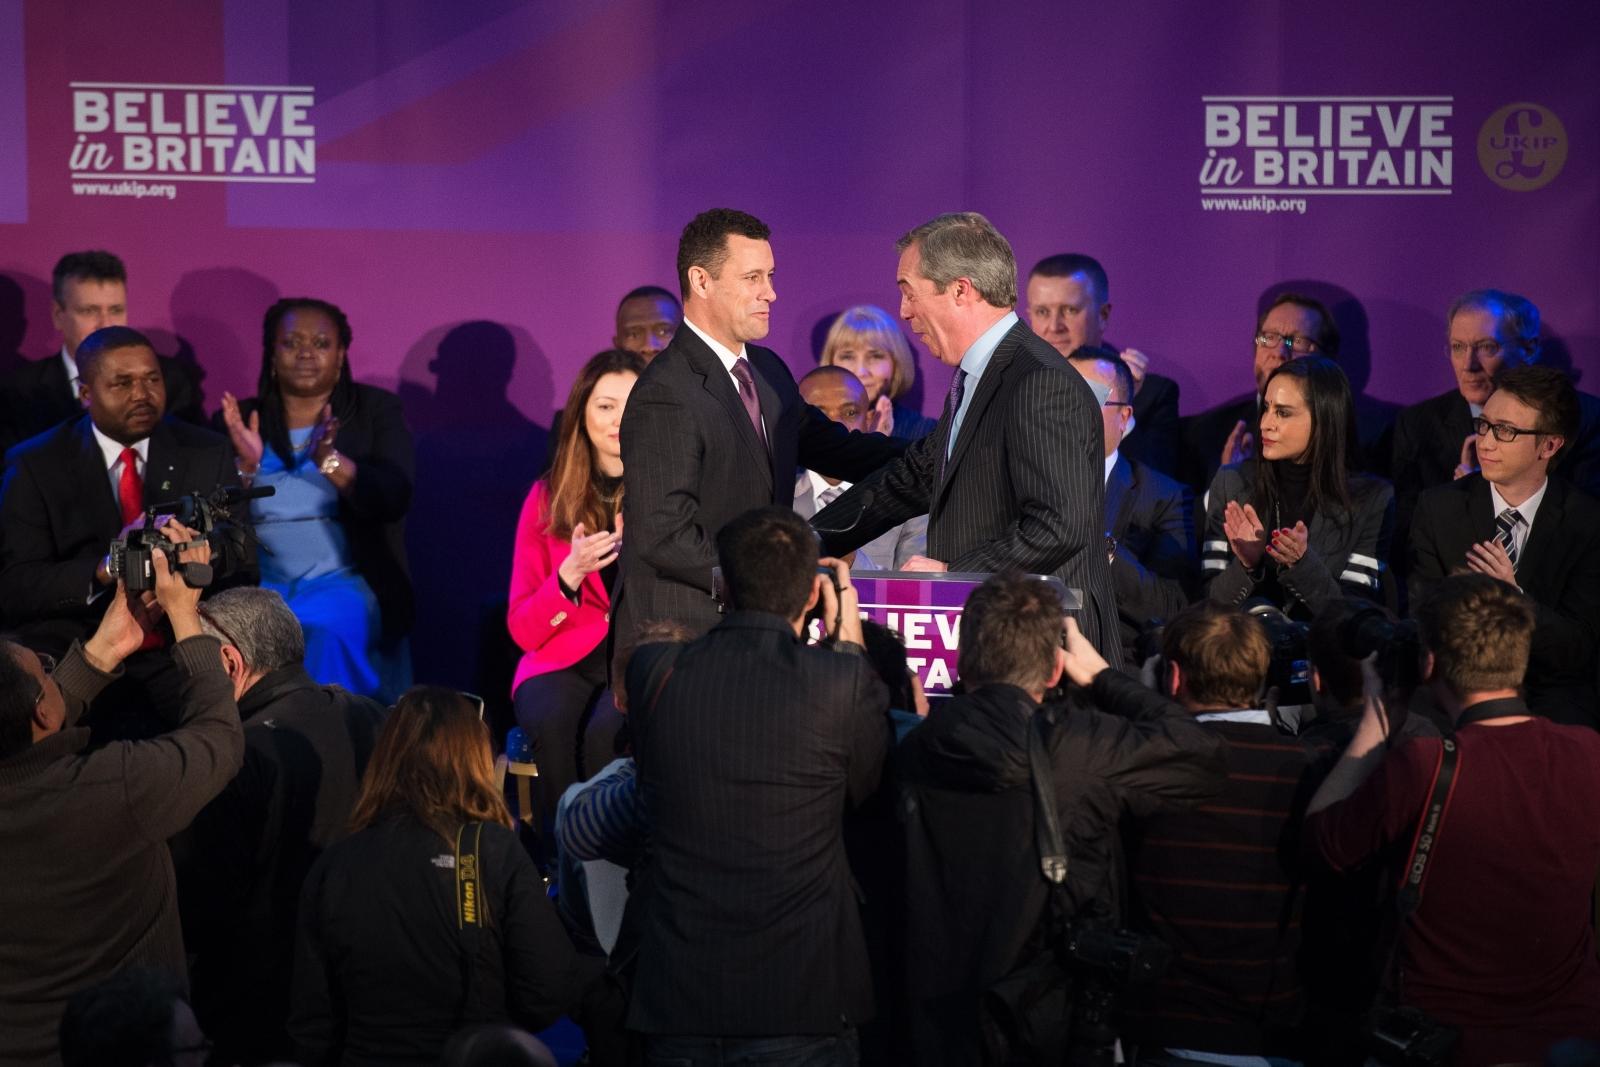 Nigel Farage and Steven Woolfe